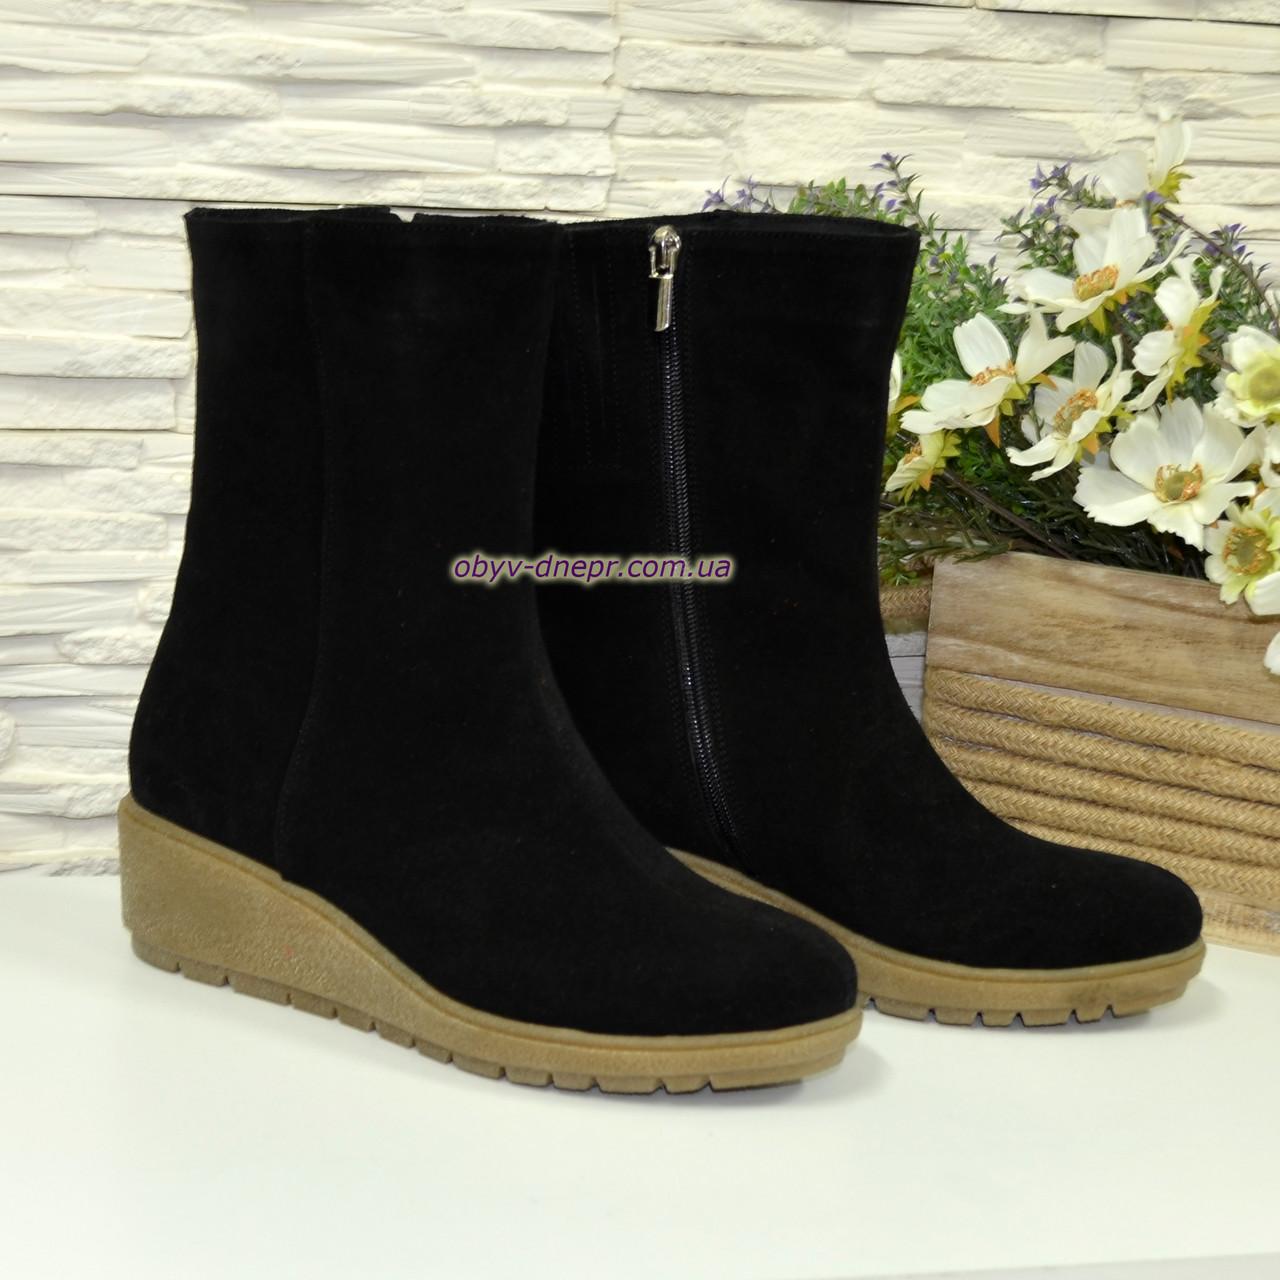 Женские демисезонные замшевые ботинки на танкетке